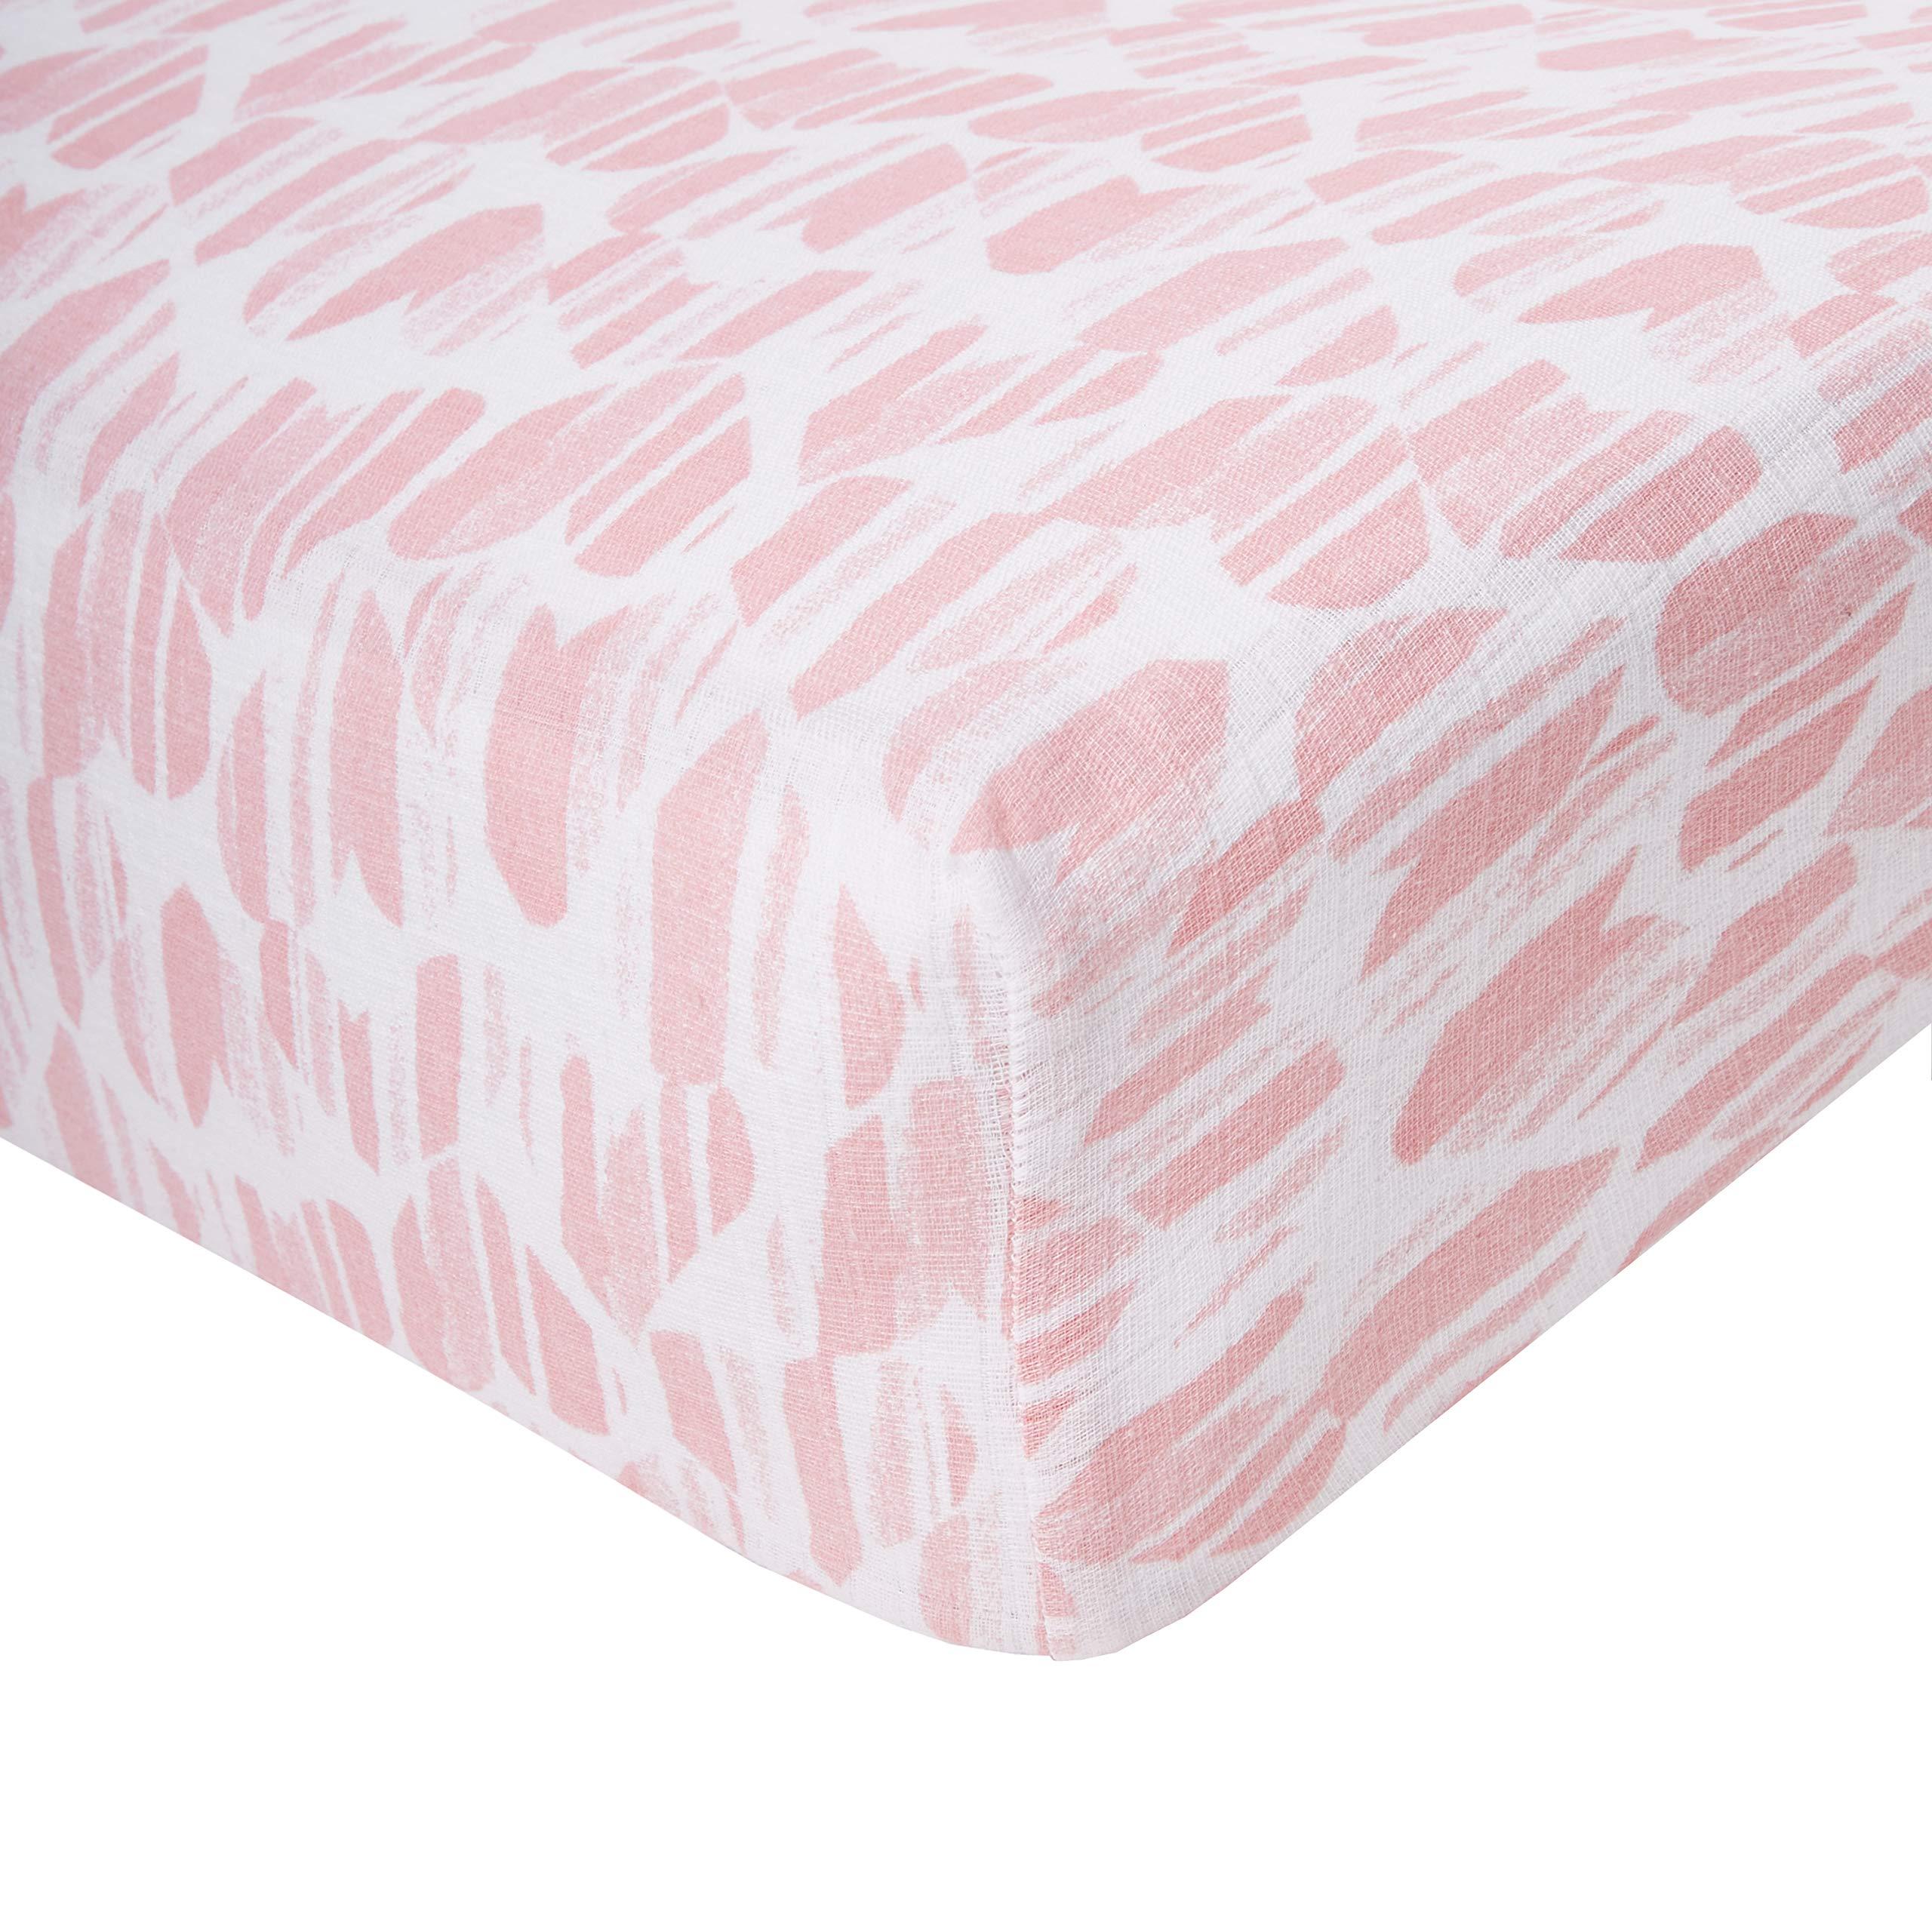 Amazon Com Aden By Aden Anais Classic Crib Sheet 100 Cotton Muslin Super Soft